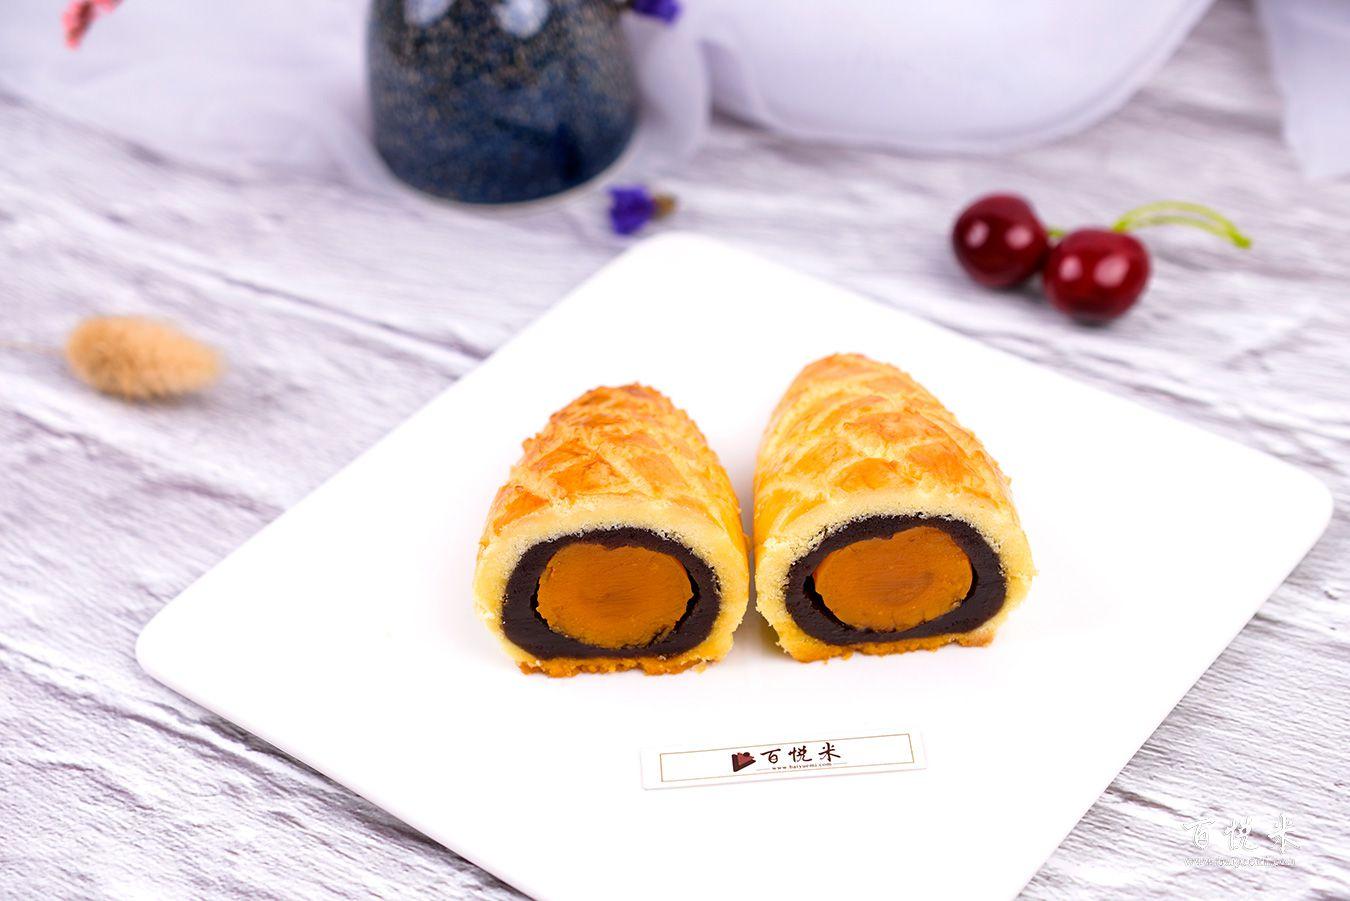 半蛋酥高清图片大全【蛋糕图片】_743